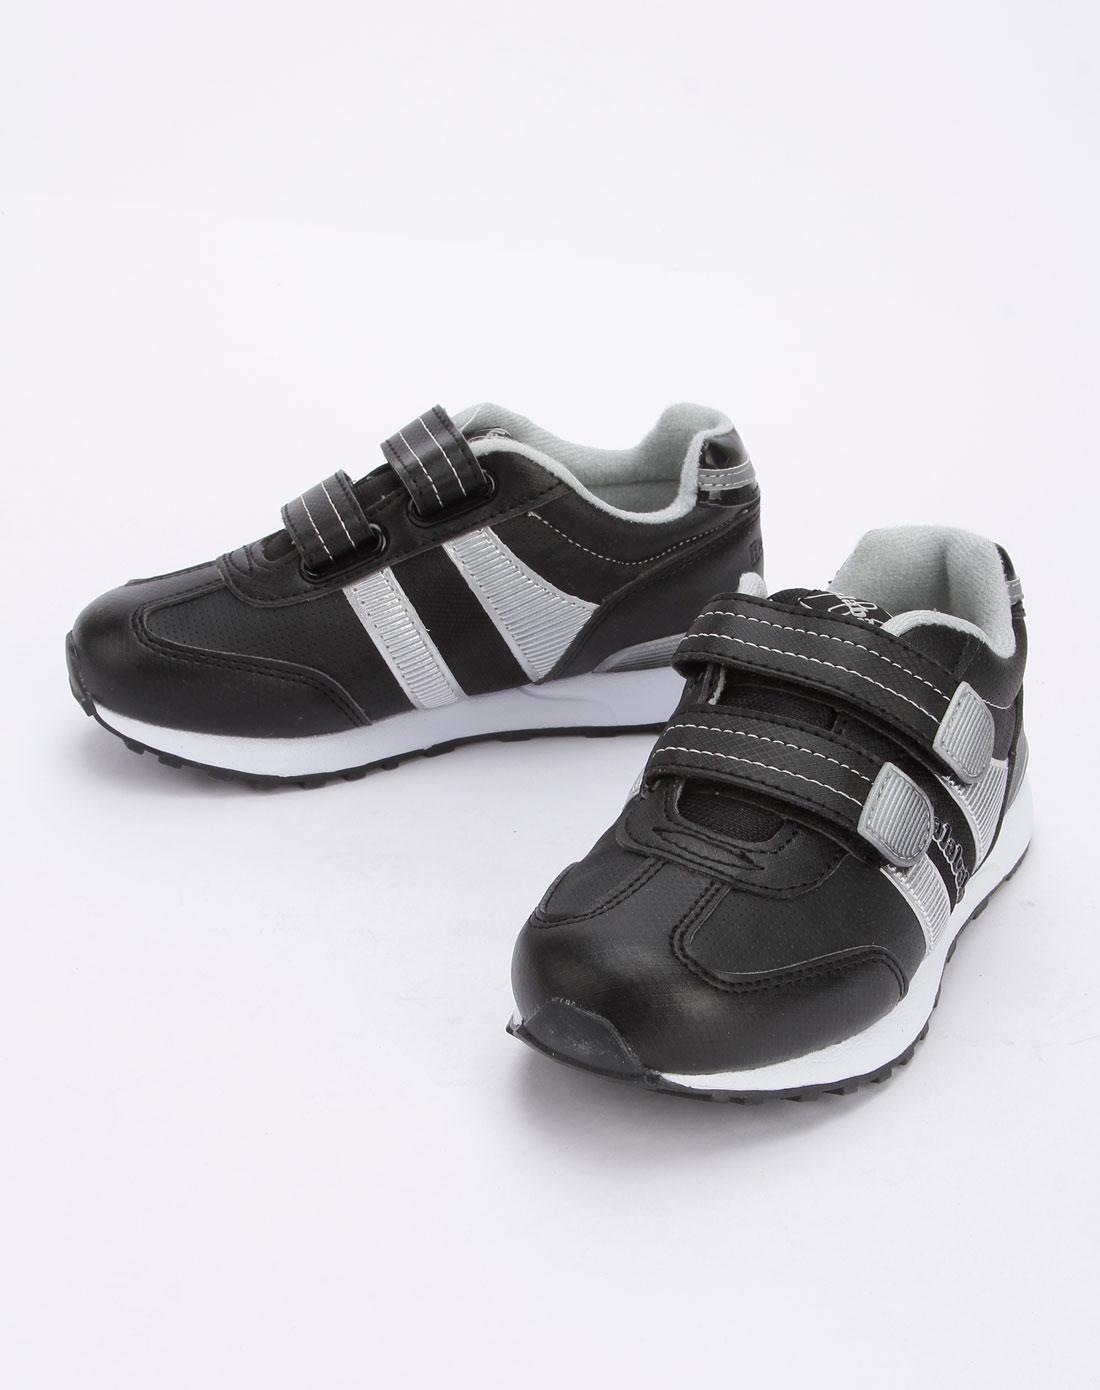 专场黑色休闲运动鞋